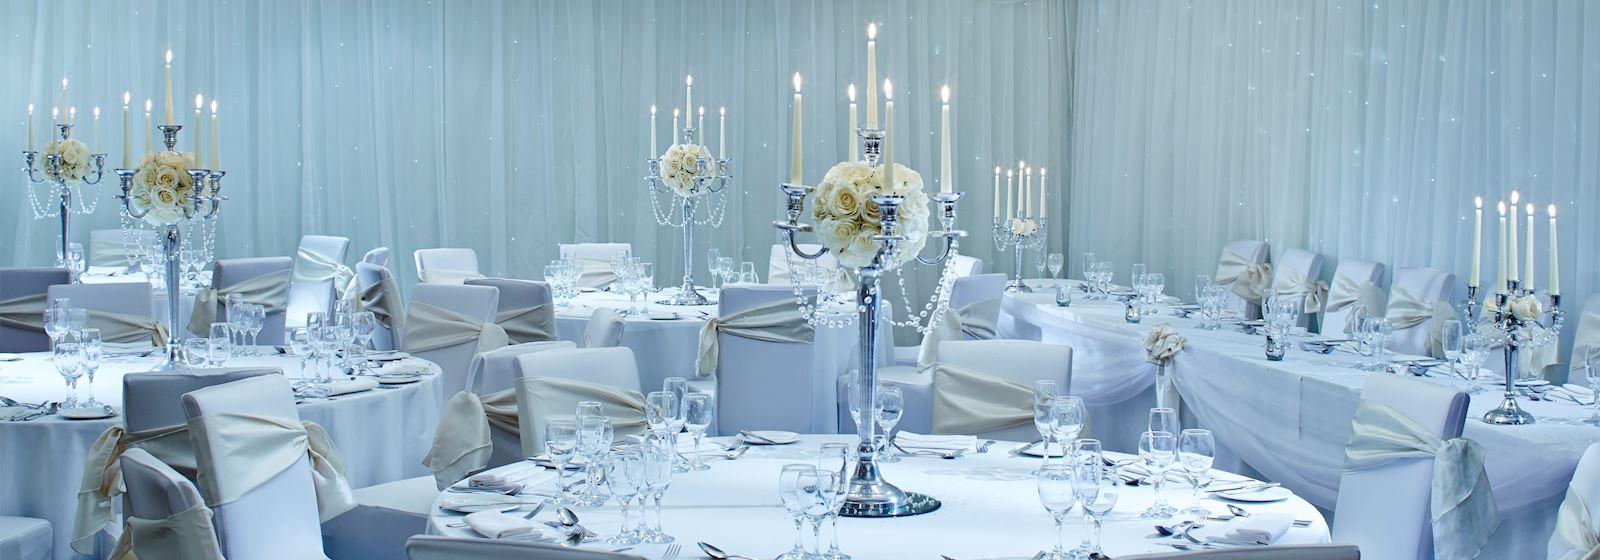 Liverpool Marriott Hotel Weddings